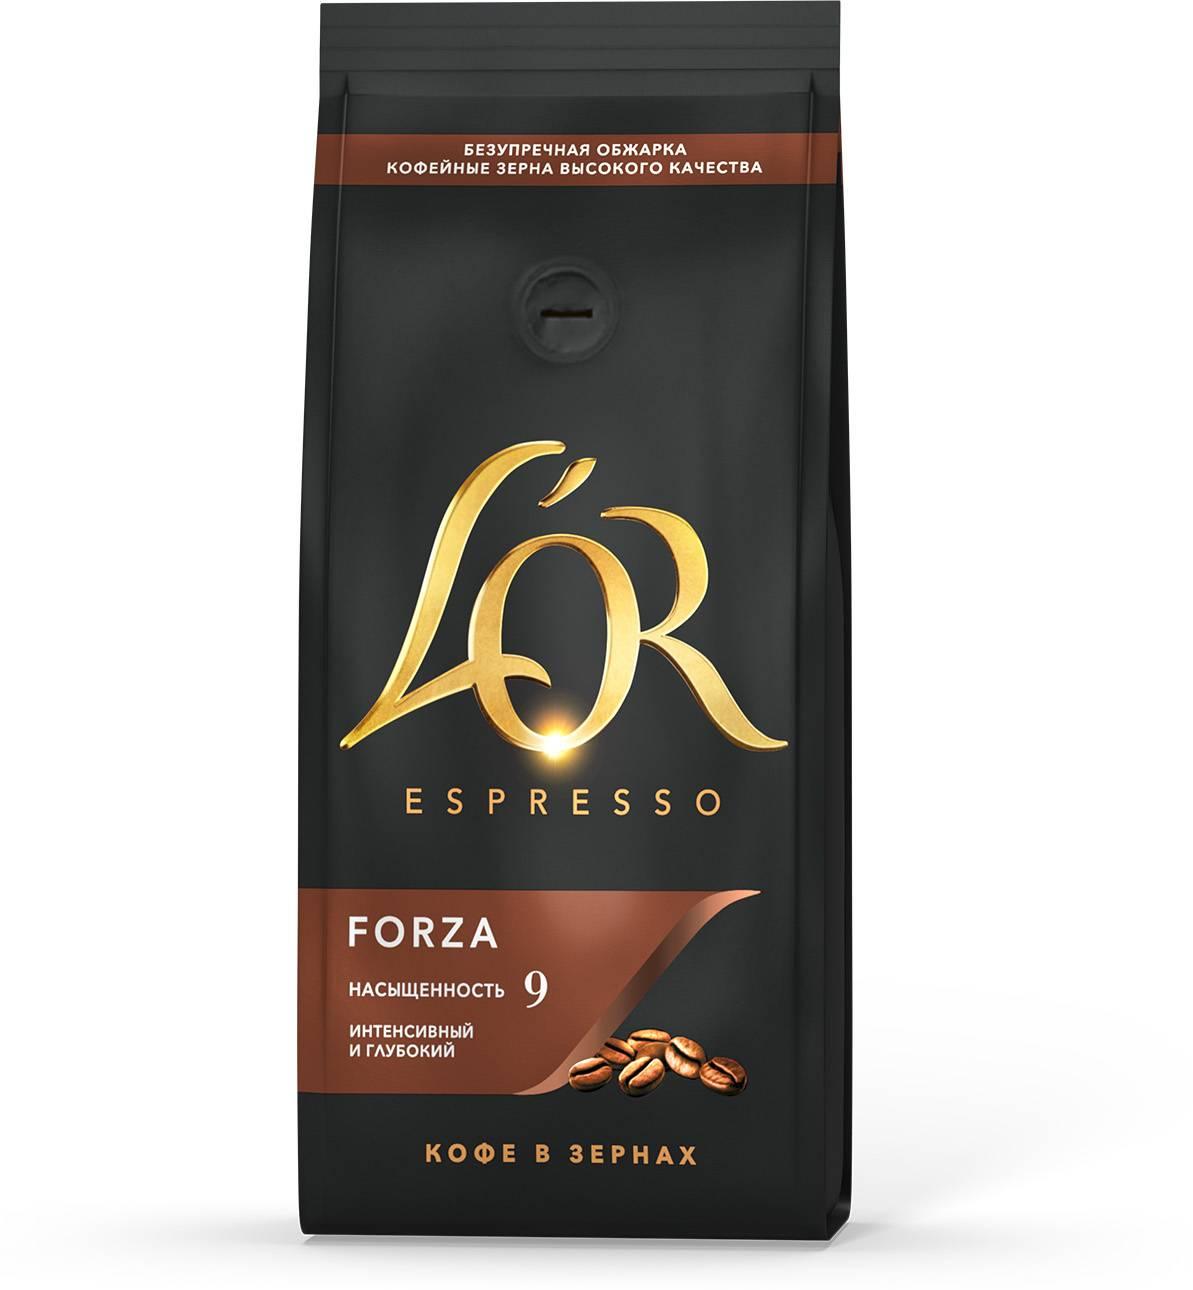 15 примеров креативной рекламы кофе и рекламы с использованием кофе